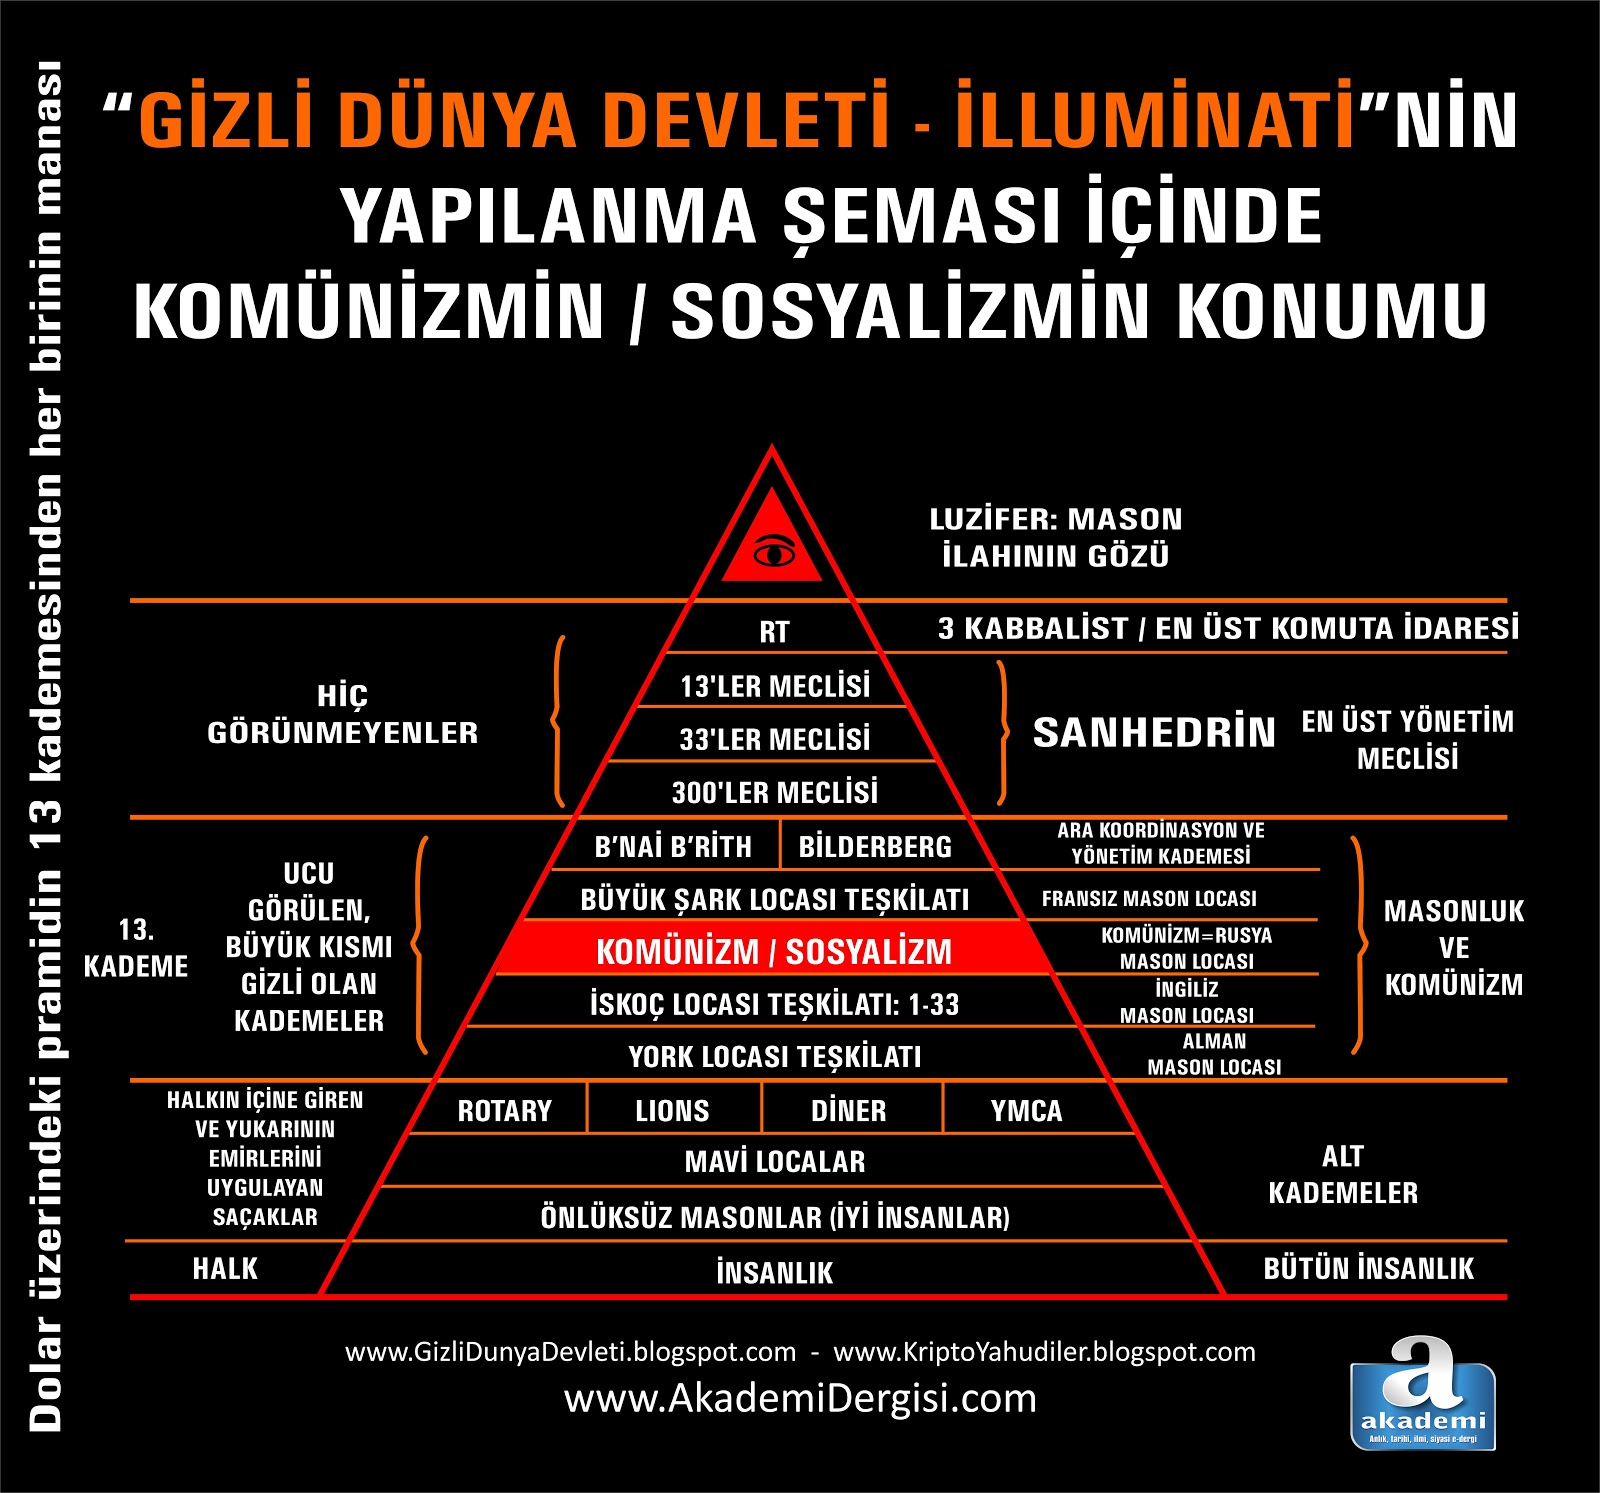 Komünizm - Sosyalizm Masonik Siyonist bir projedir.